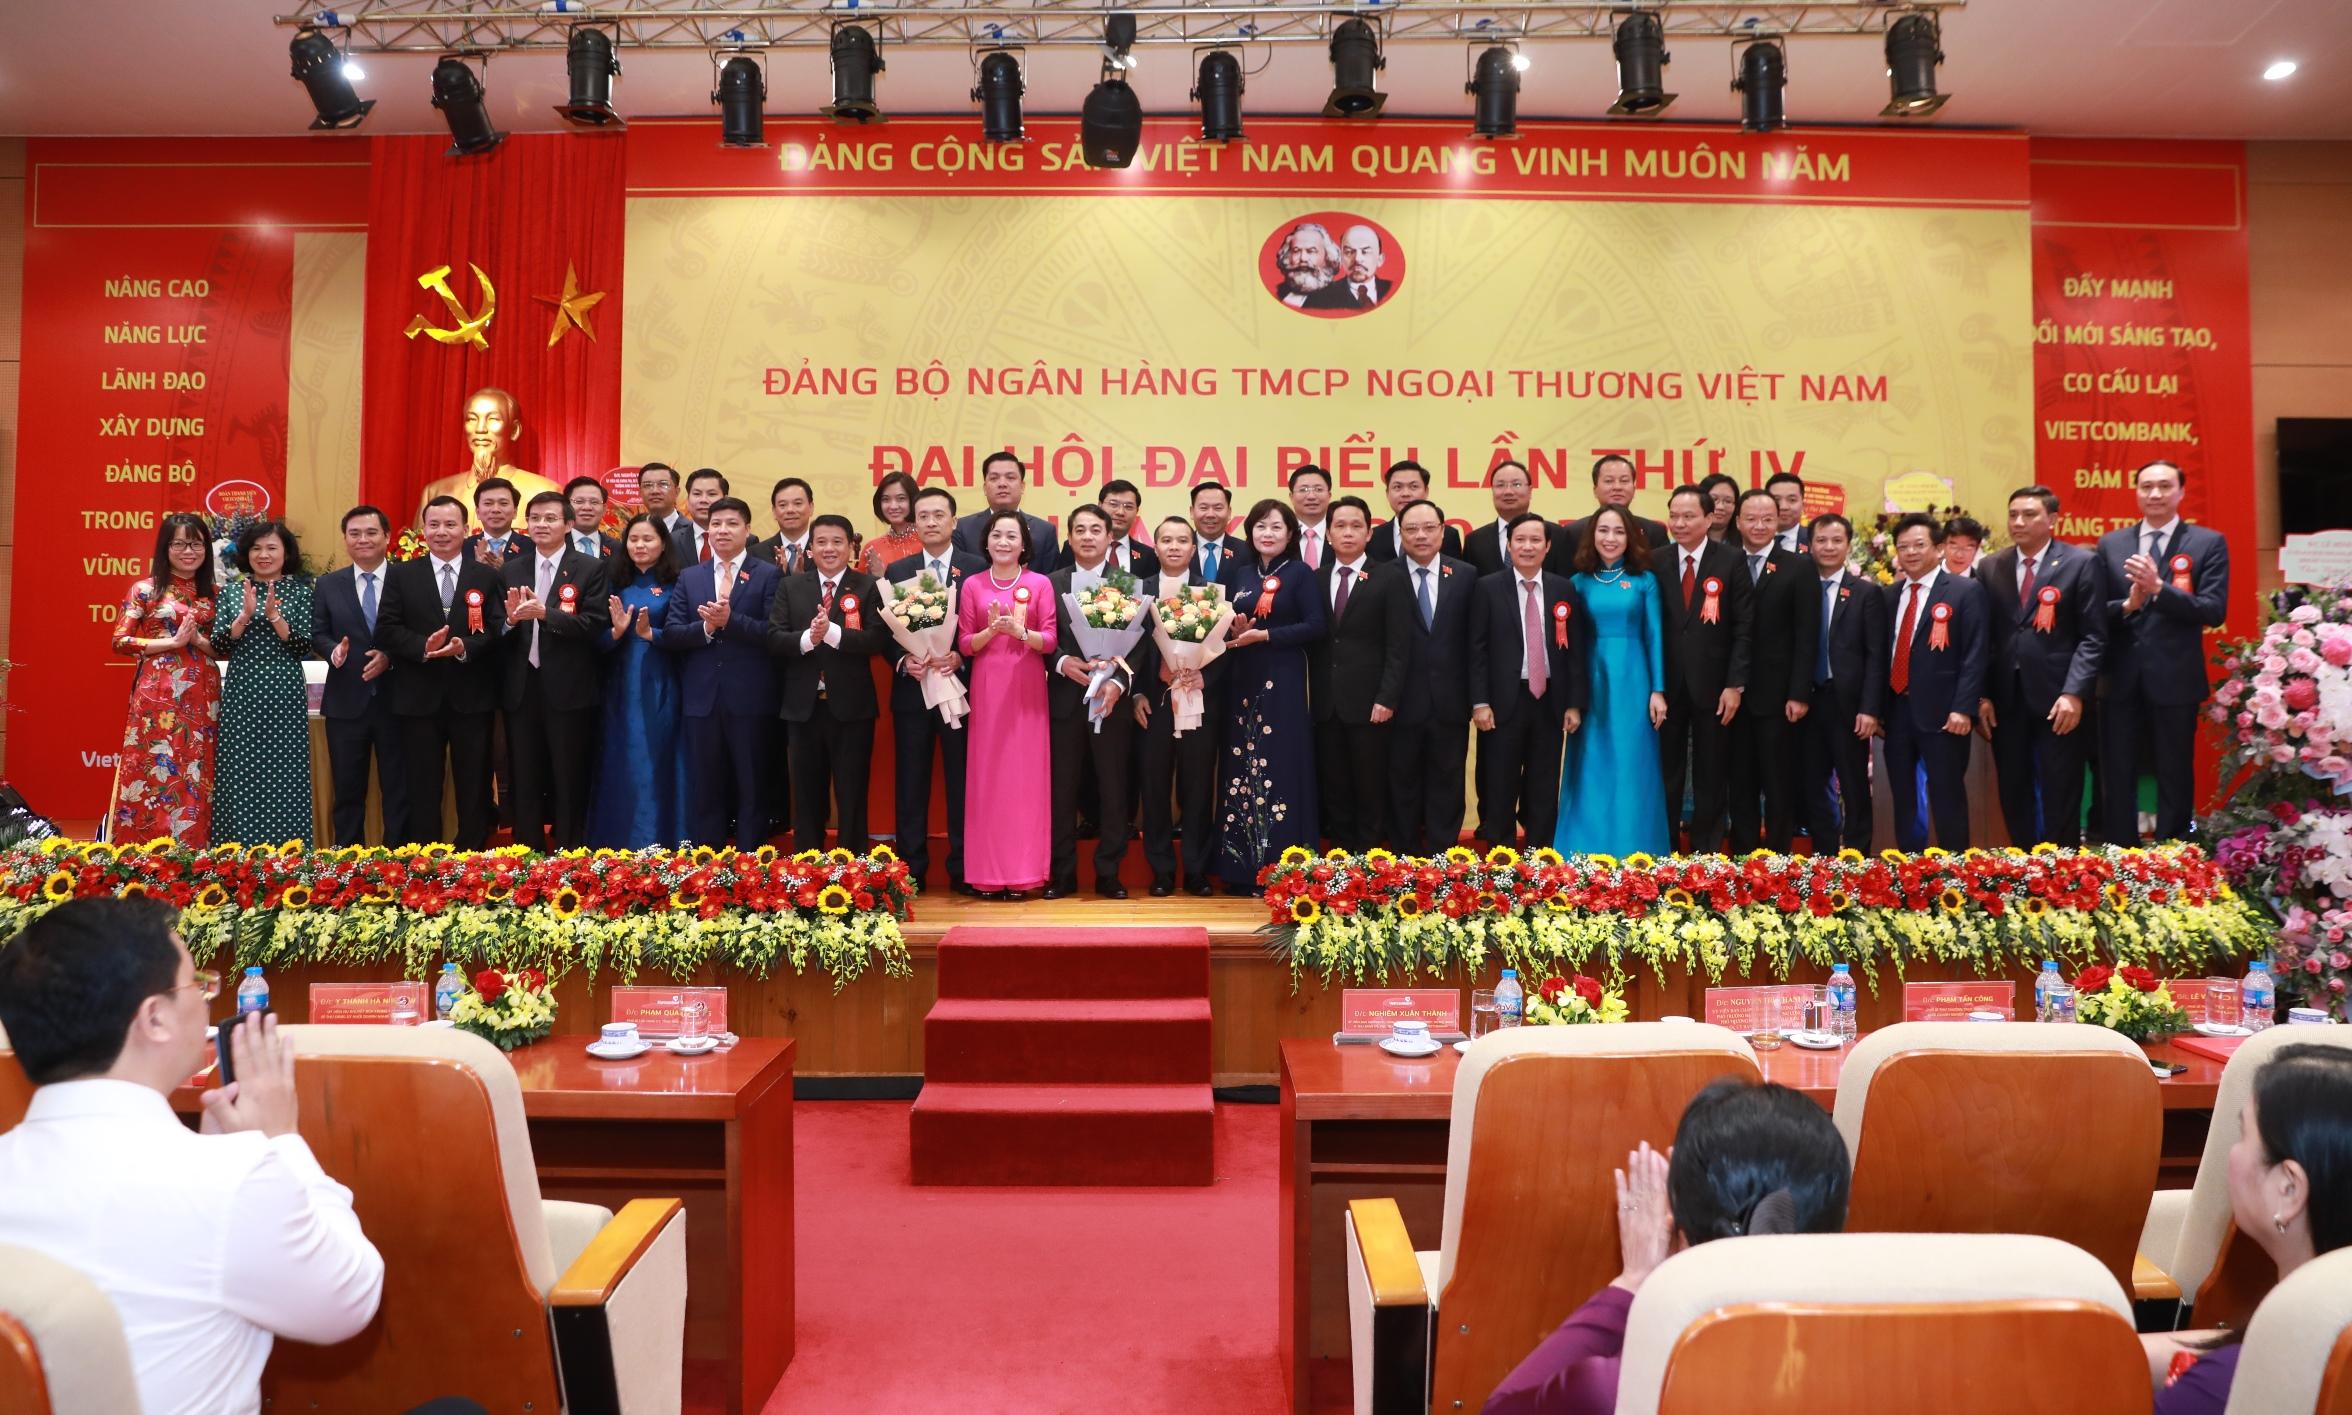 Đại hội đại biểu Đảng bộ Vietcombank lần thứ IV nhiệm kỳ 2020 – 2025 thành công tốt đẹp